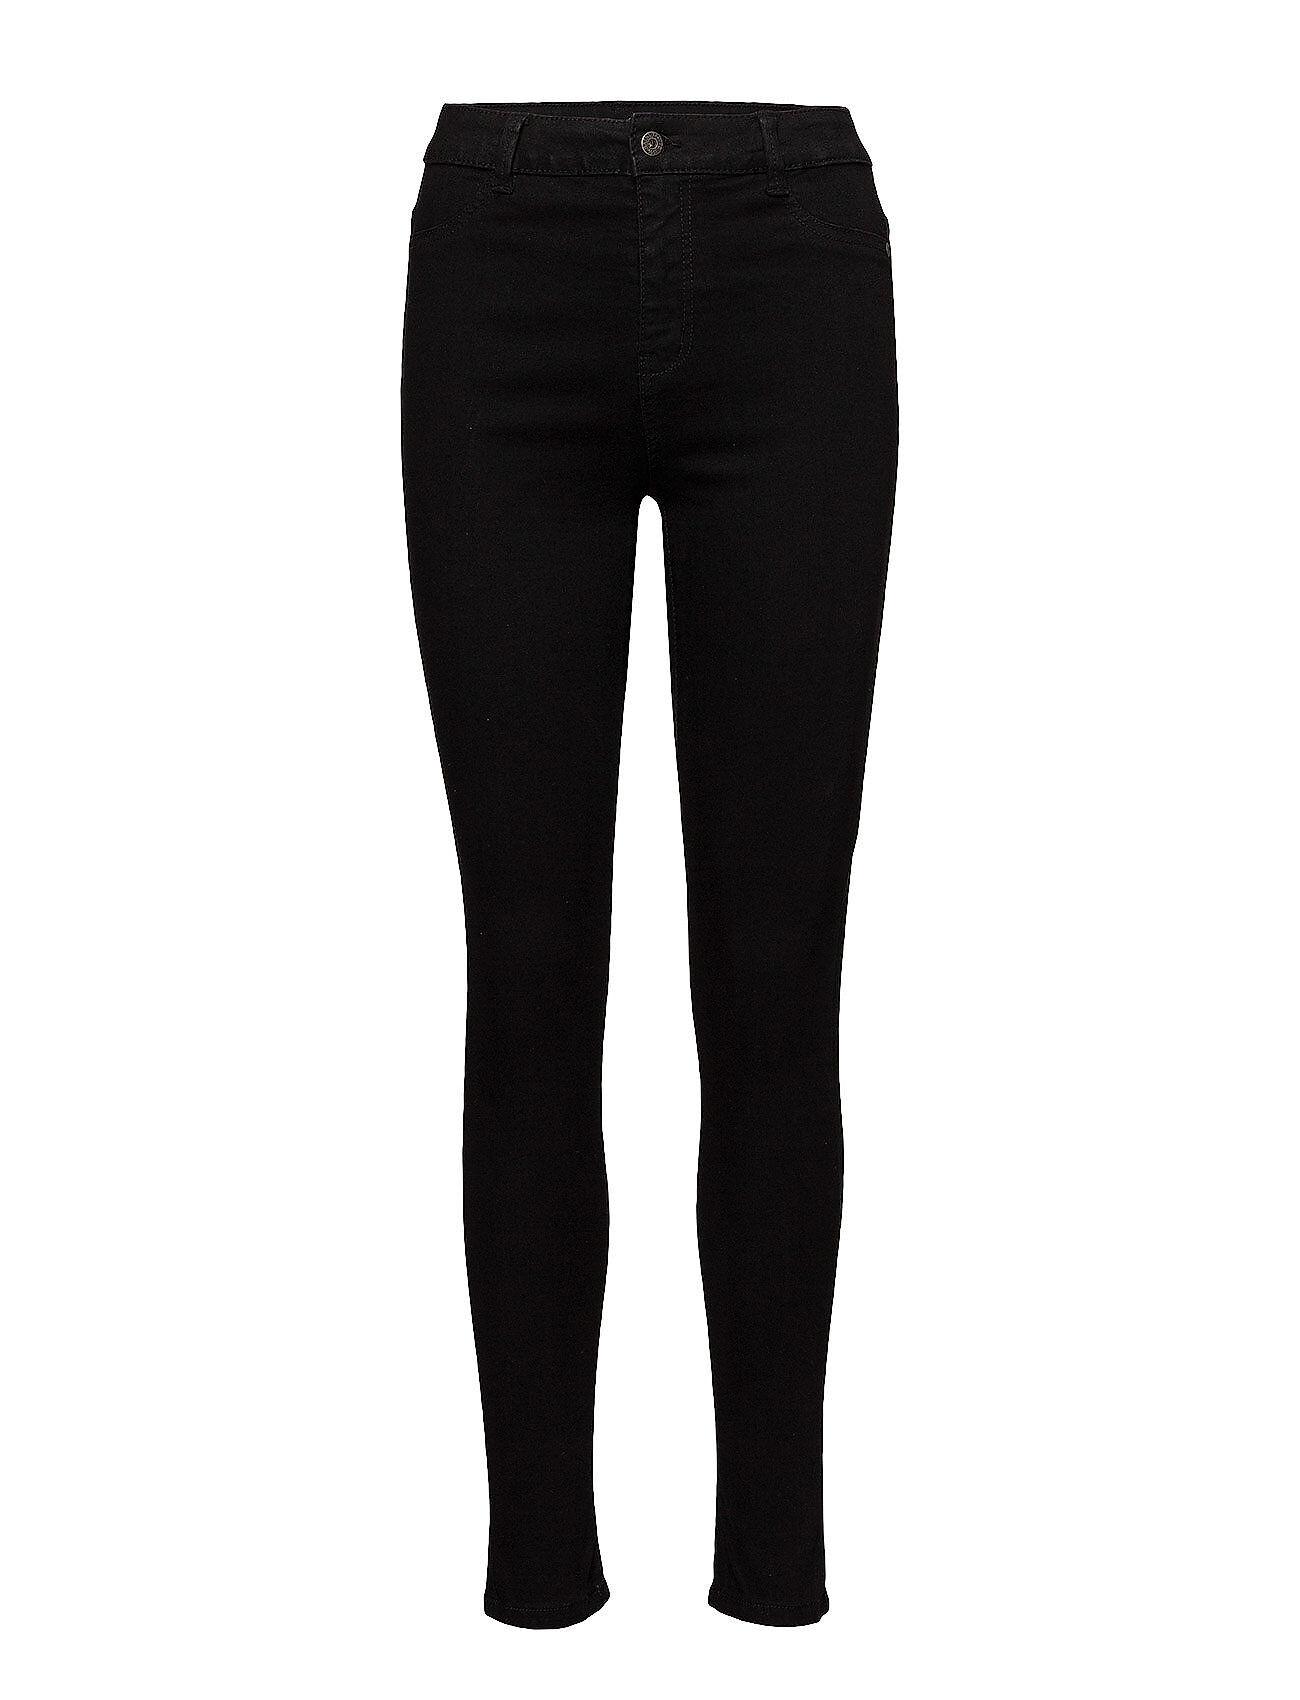 Saint Tropez Stretchy Highwaist Jeans Skinny Farkut Musta Saint Tropez